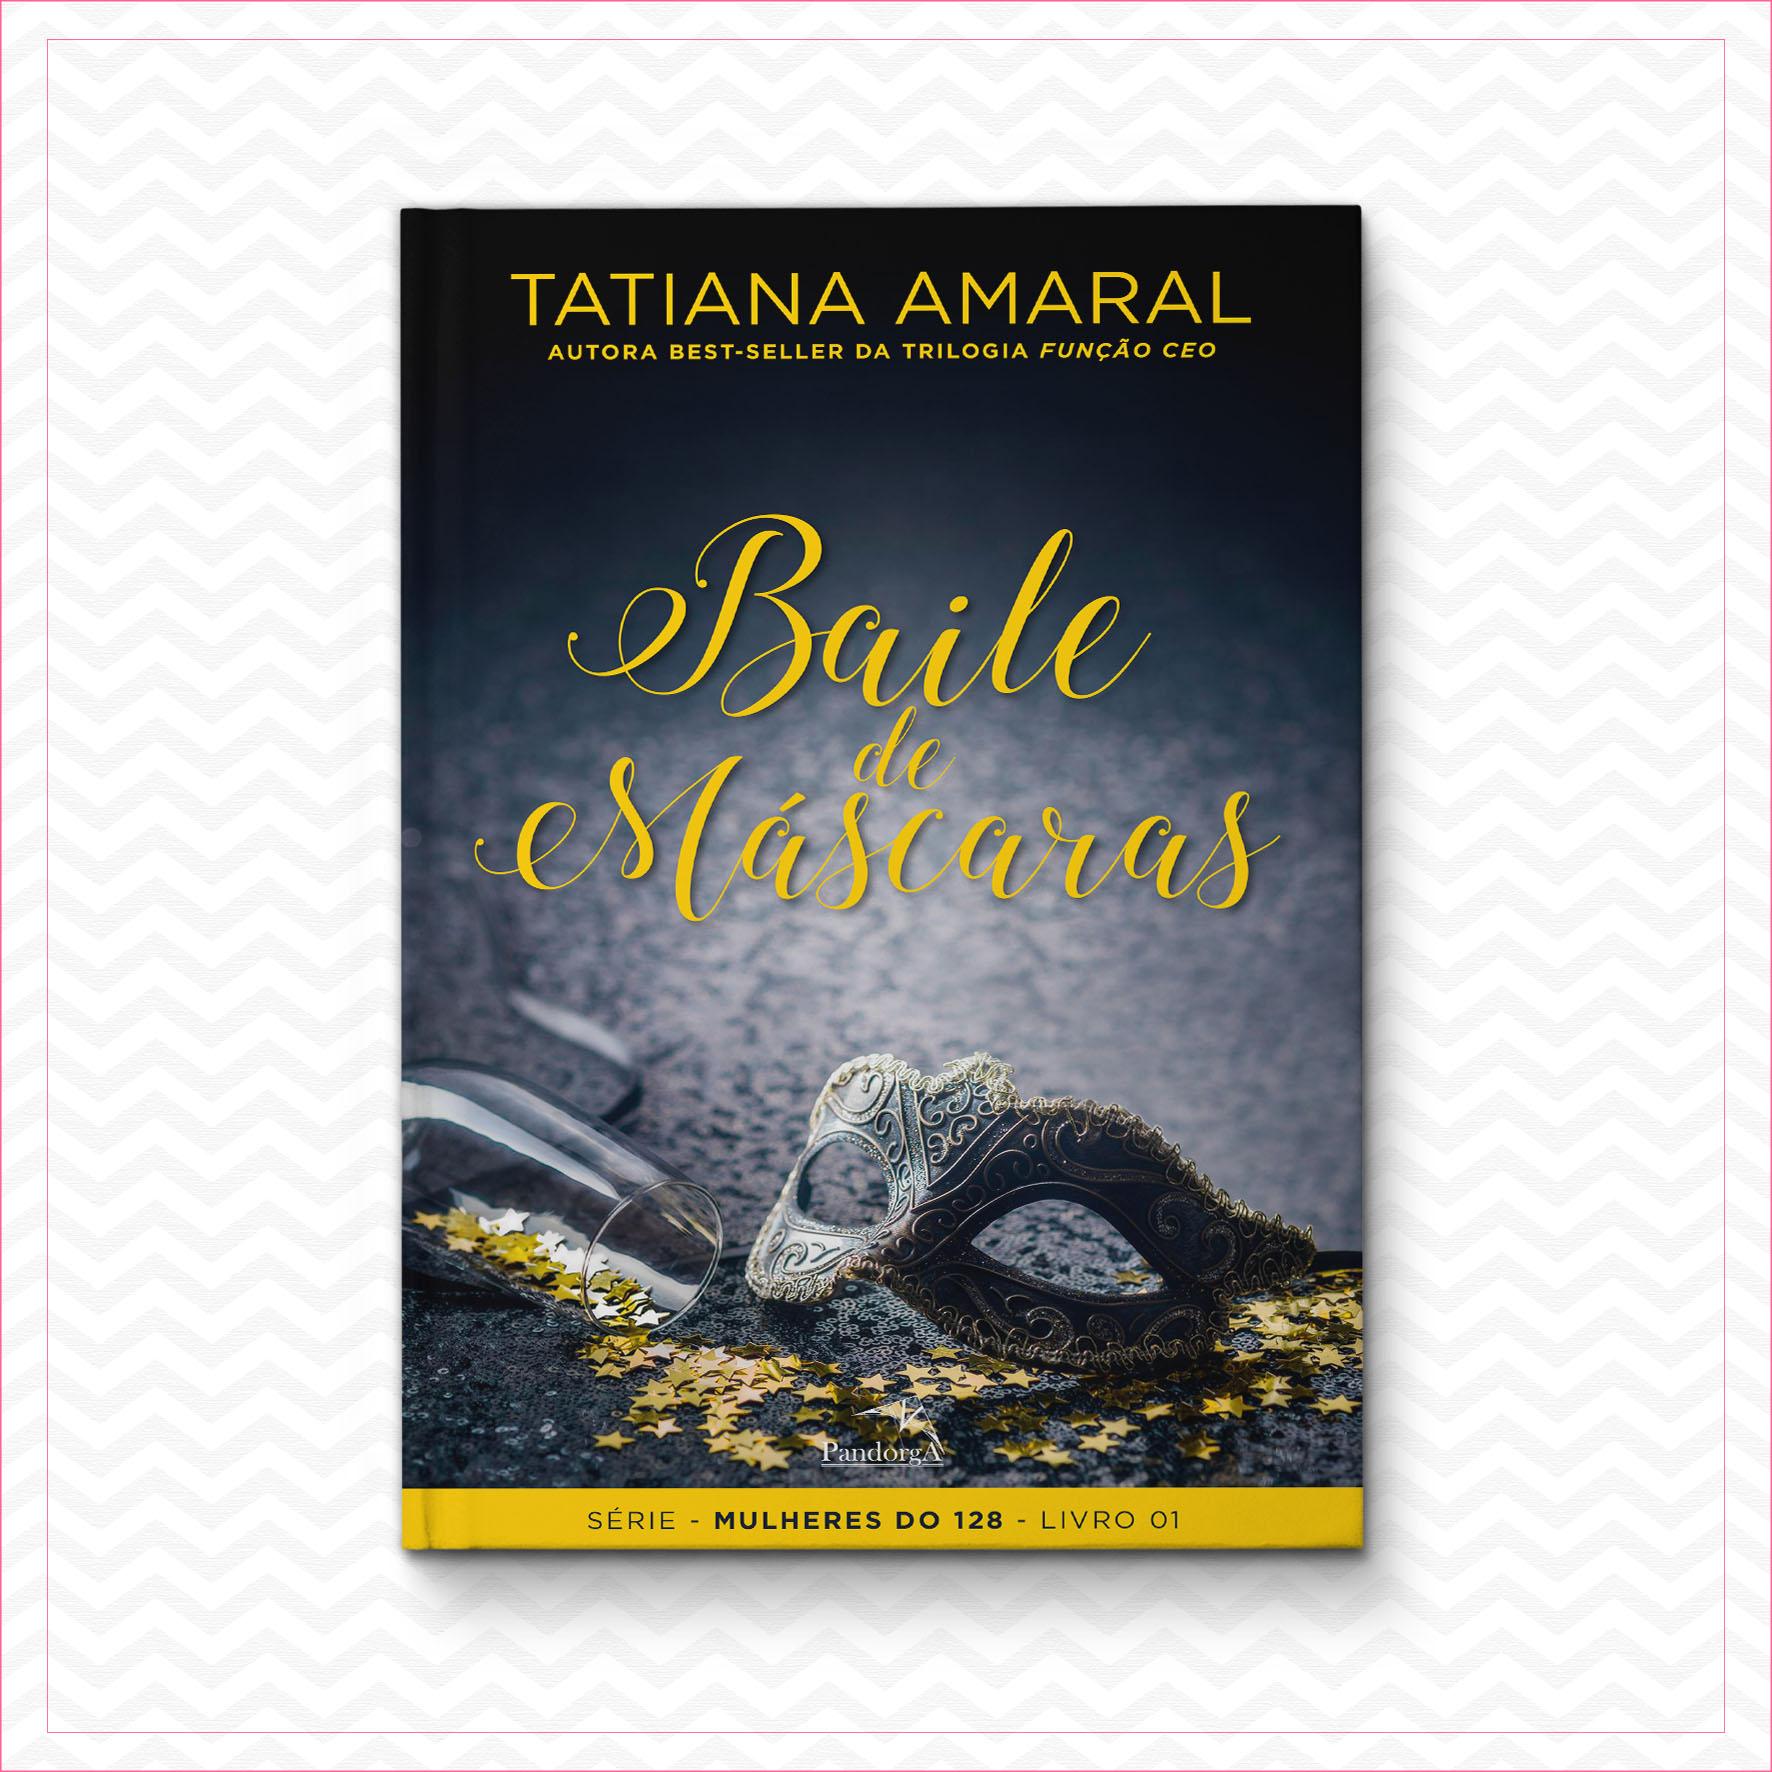 Baile de máscaras – Tatiana Amaral